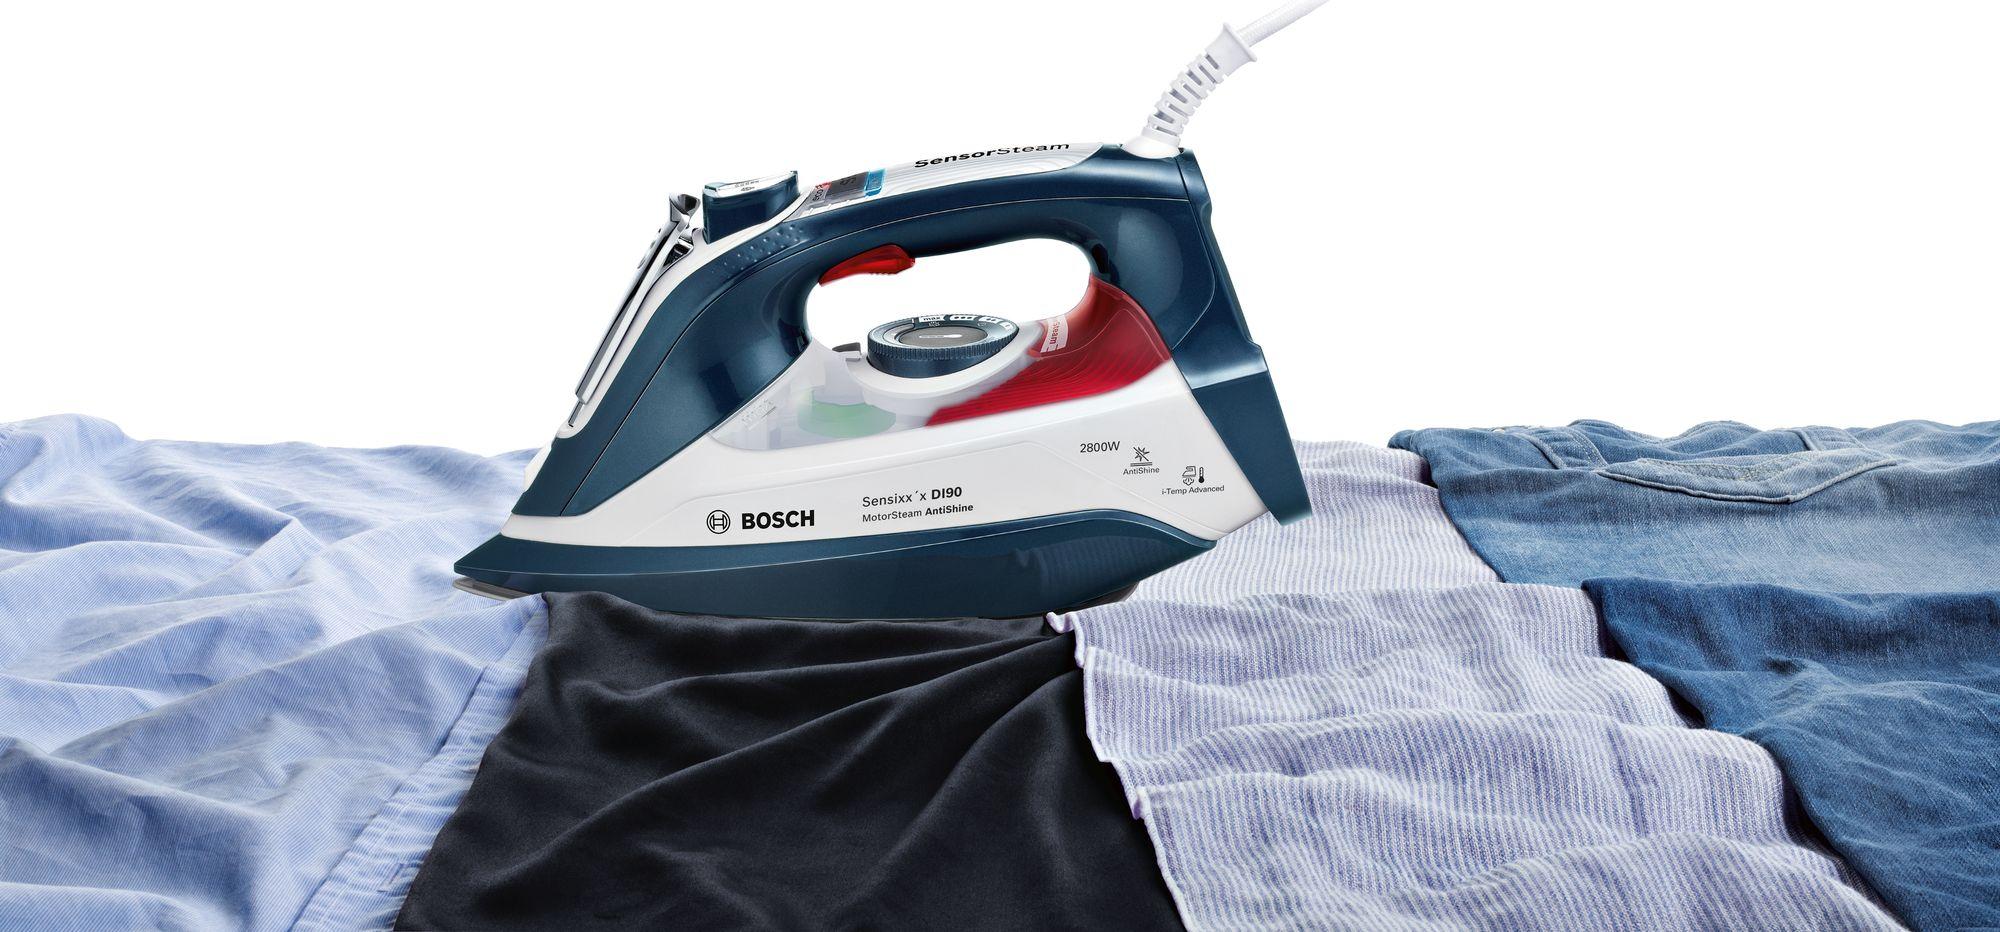 żelazko Bosch położone na ubraniach